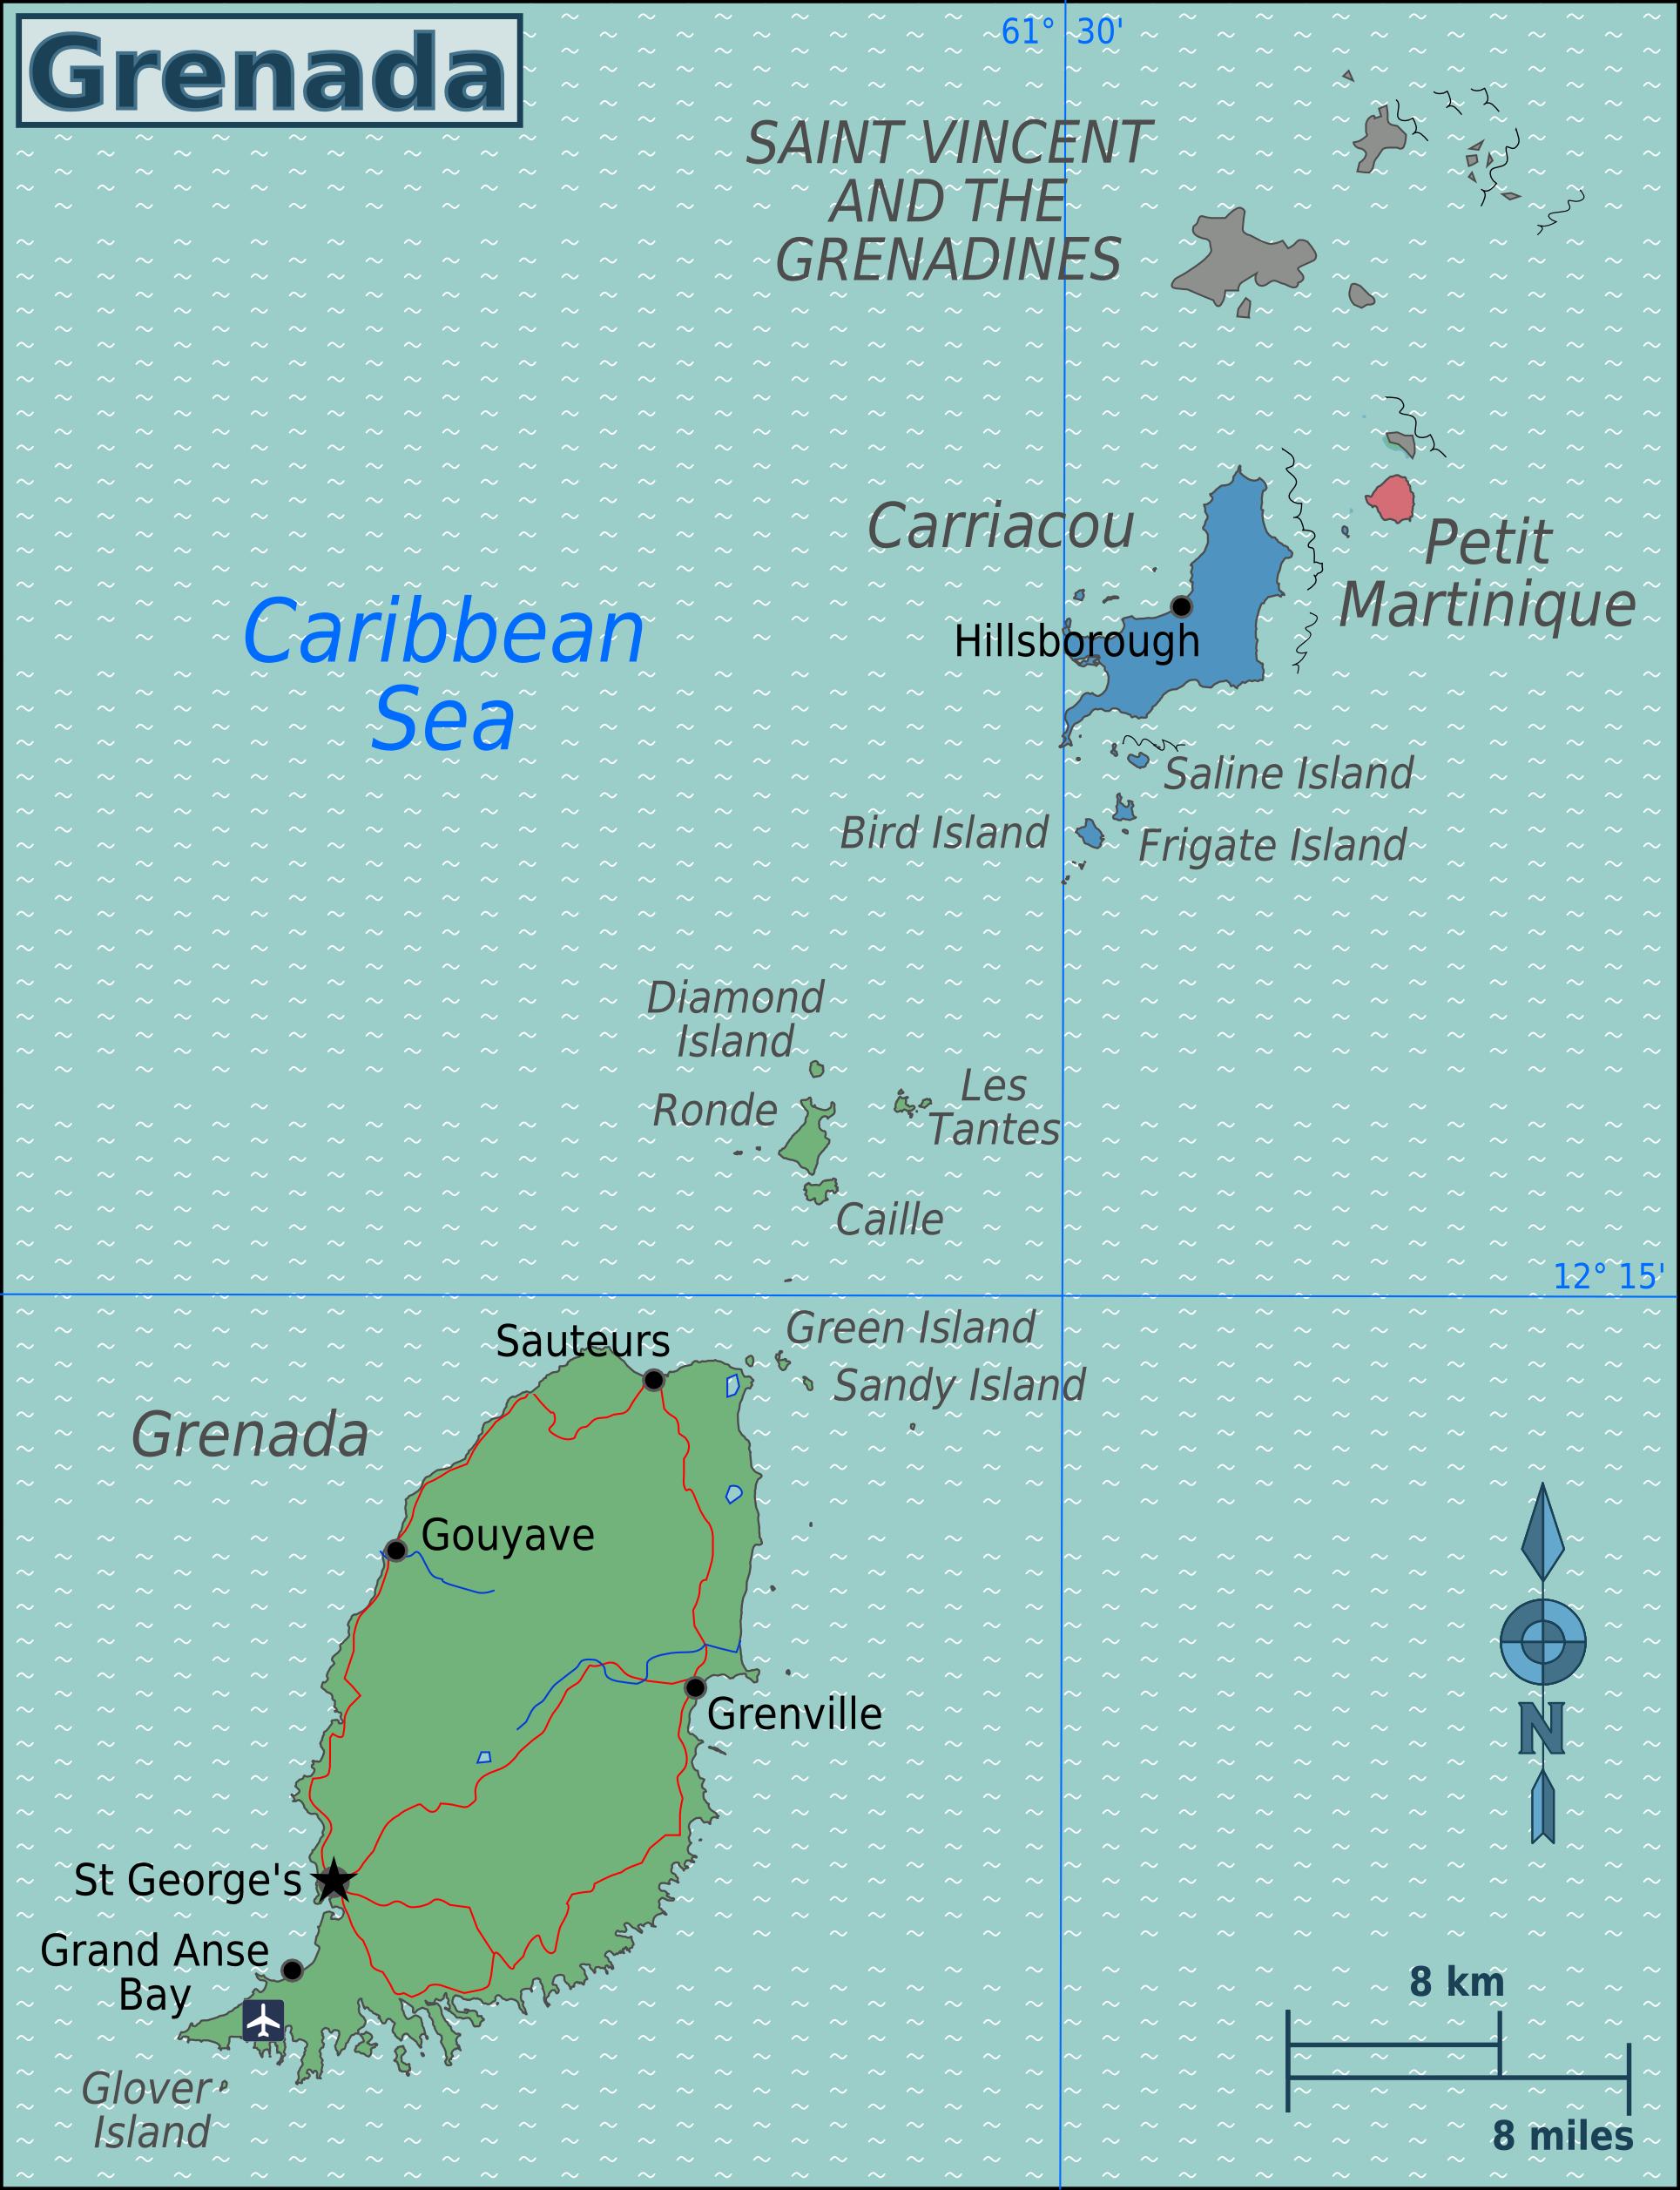 grenada karte Landkarte Grenada (Übersichtskarte) : Weltkarte.  Karten und  grenada karte